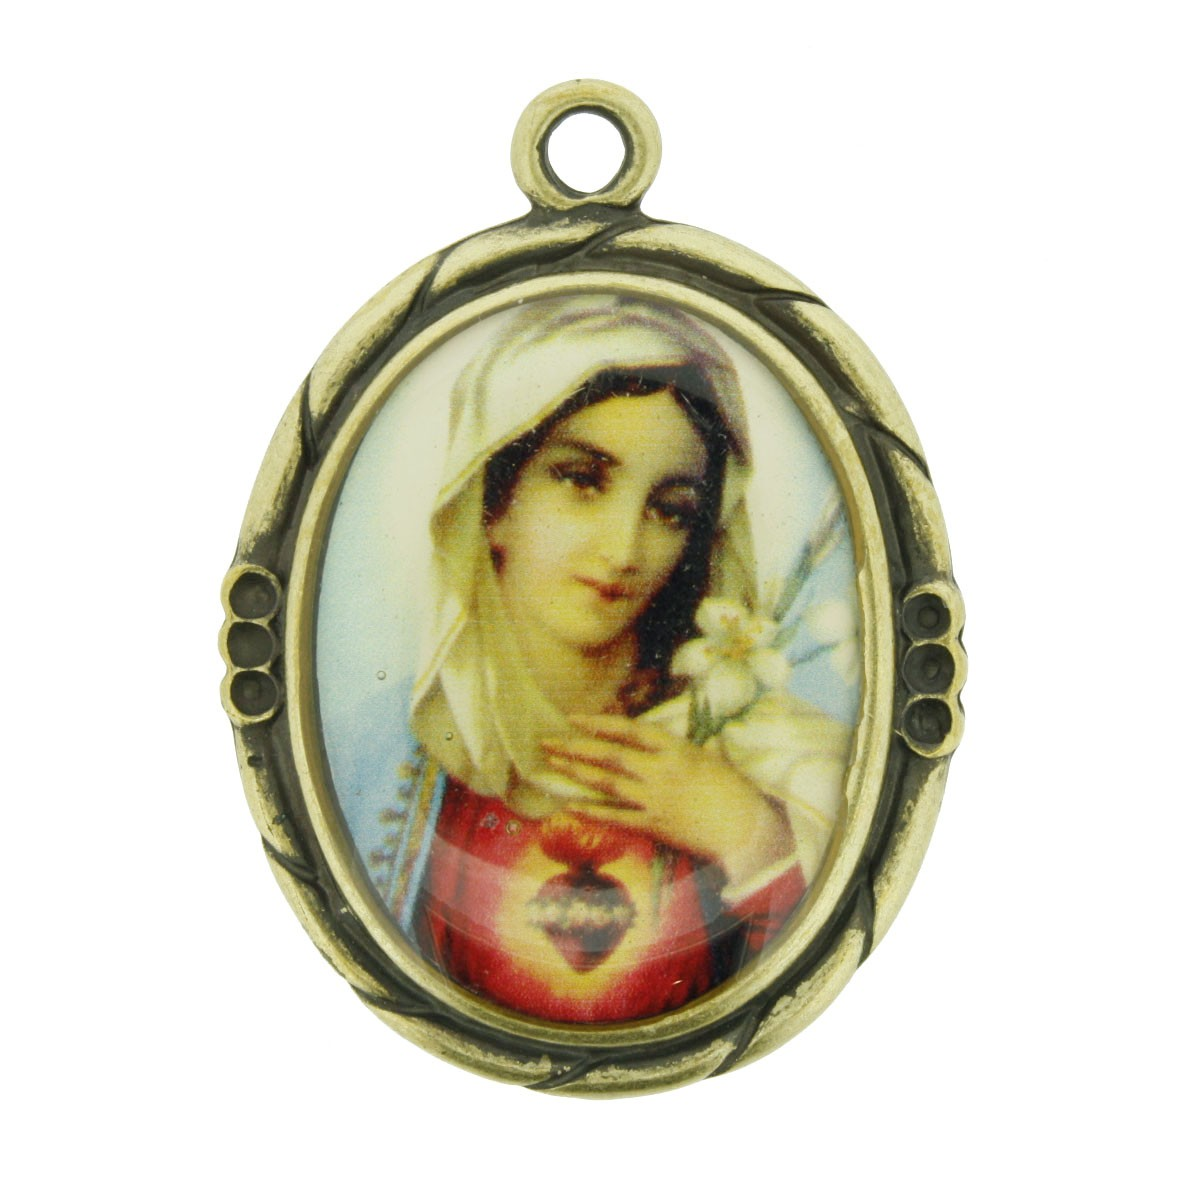 Sagrado Coração de Maria - Ouro Velho e Resina - 42mm  - Universo Religioso® - Artigos de Umbanda e Candomblé